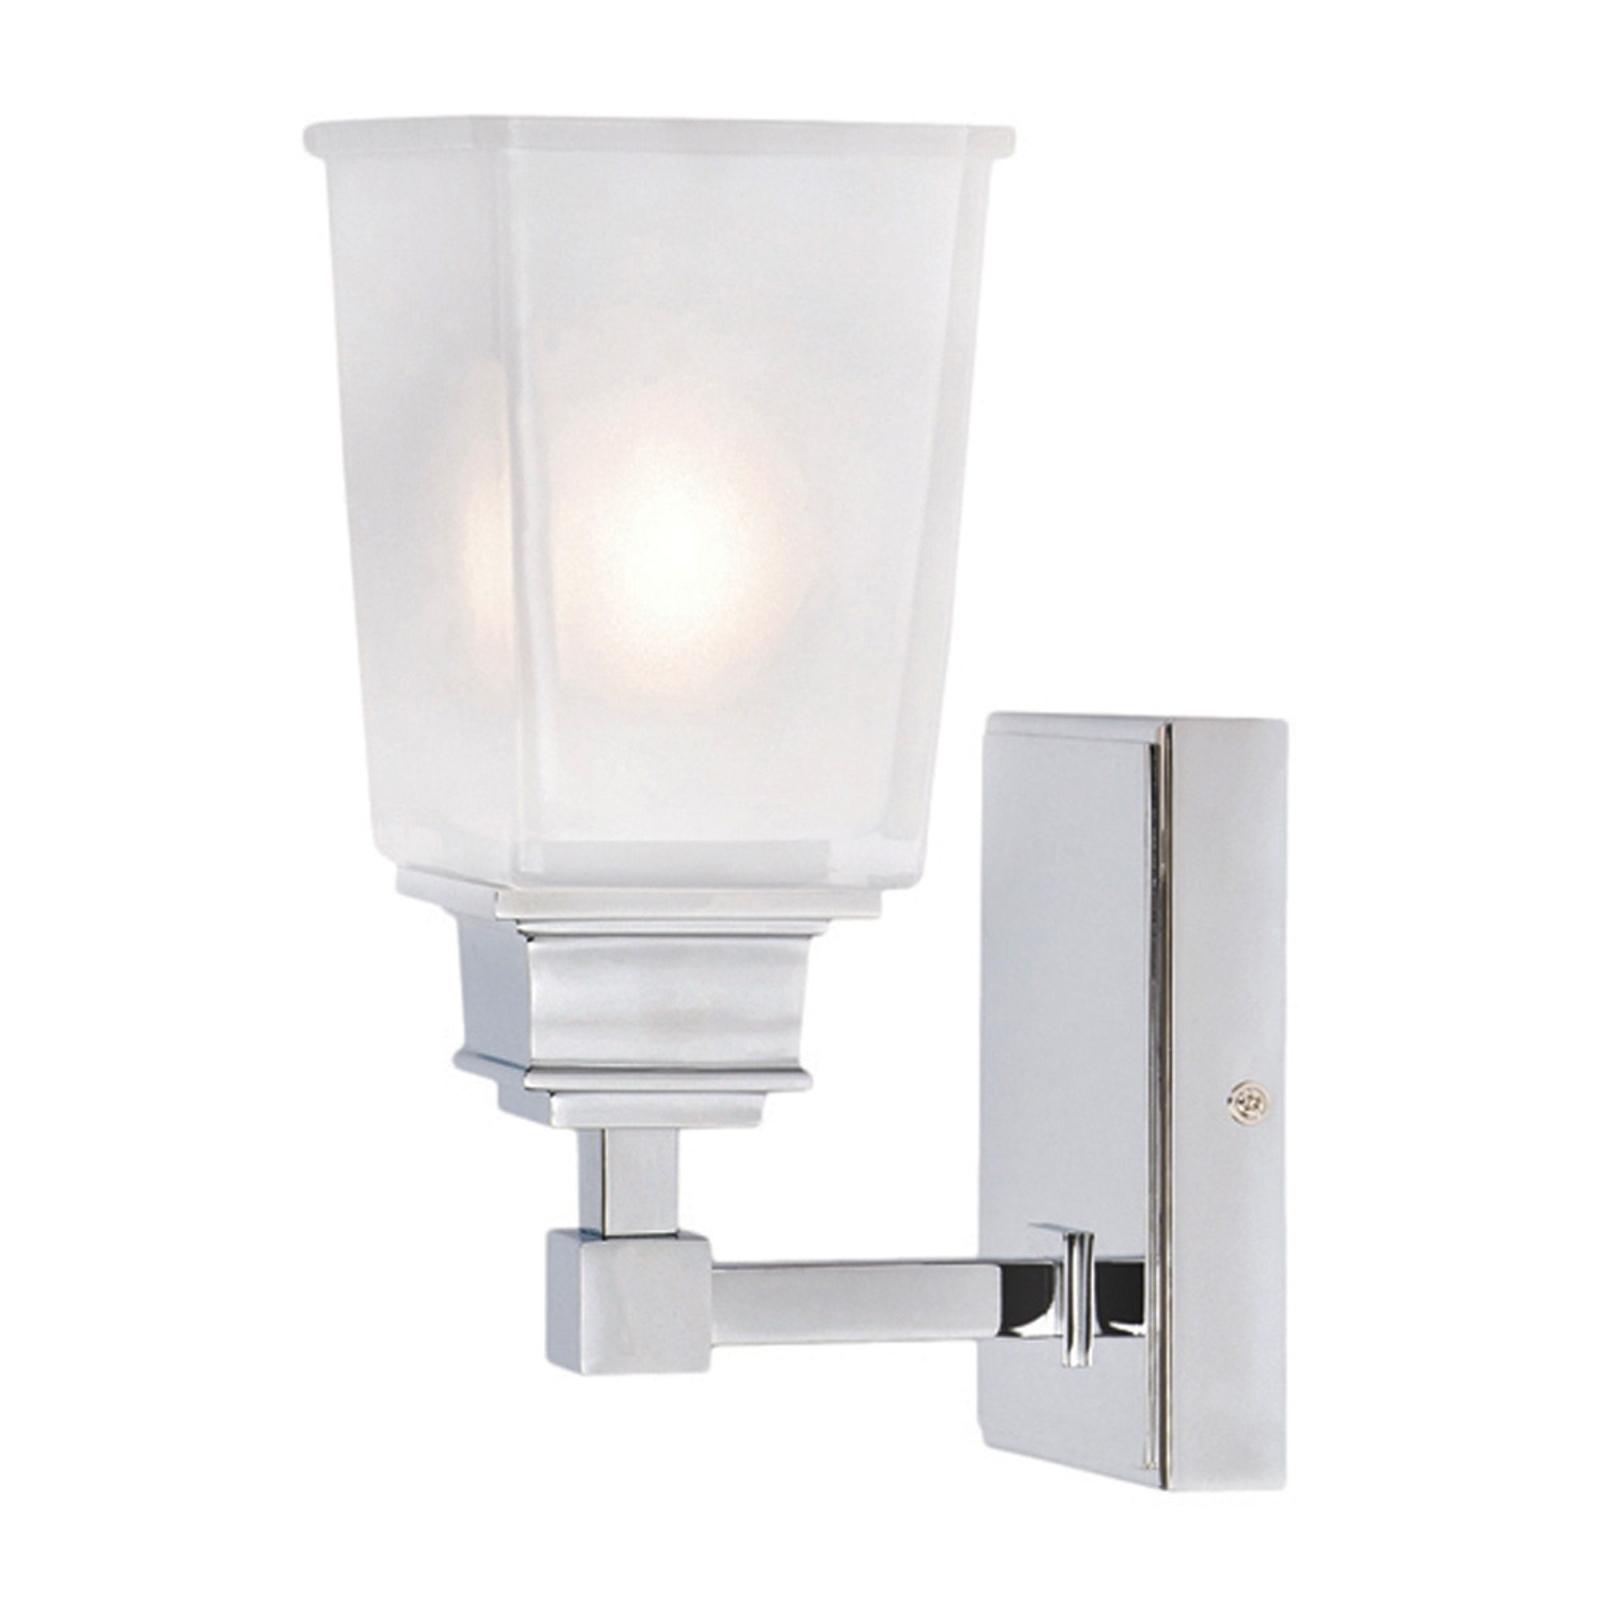 Aylesbury Mirror Light Chic IP44_3048146_1